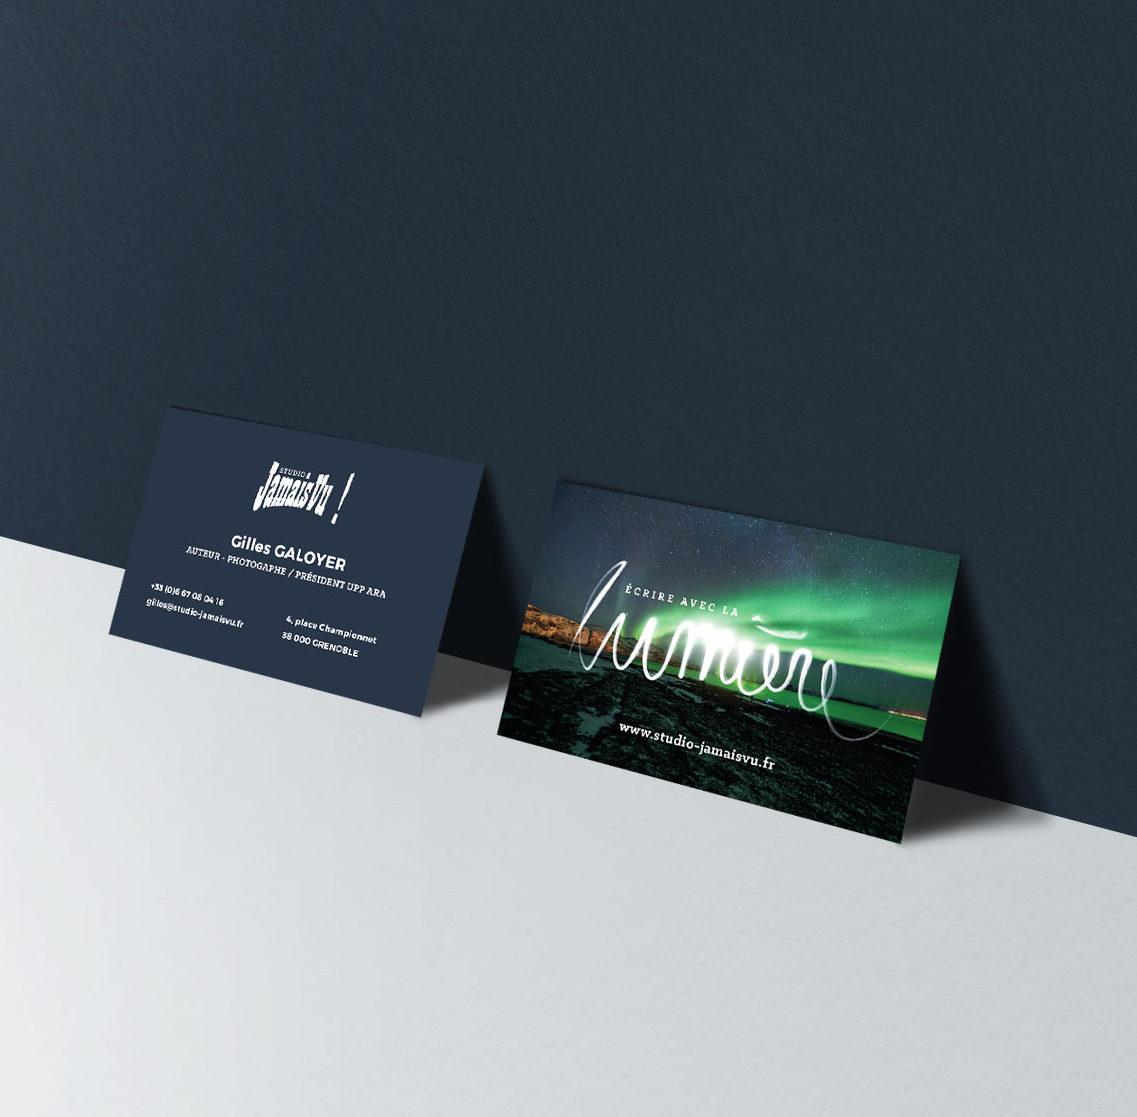 Carte De Visite Et Web Design Studio Jamais Vu